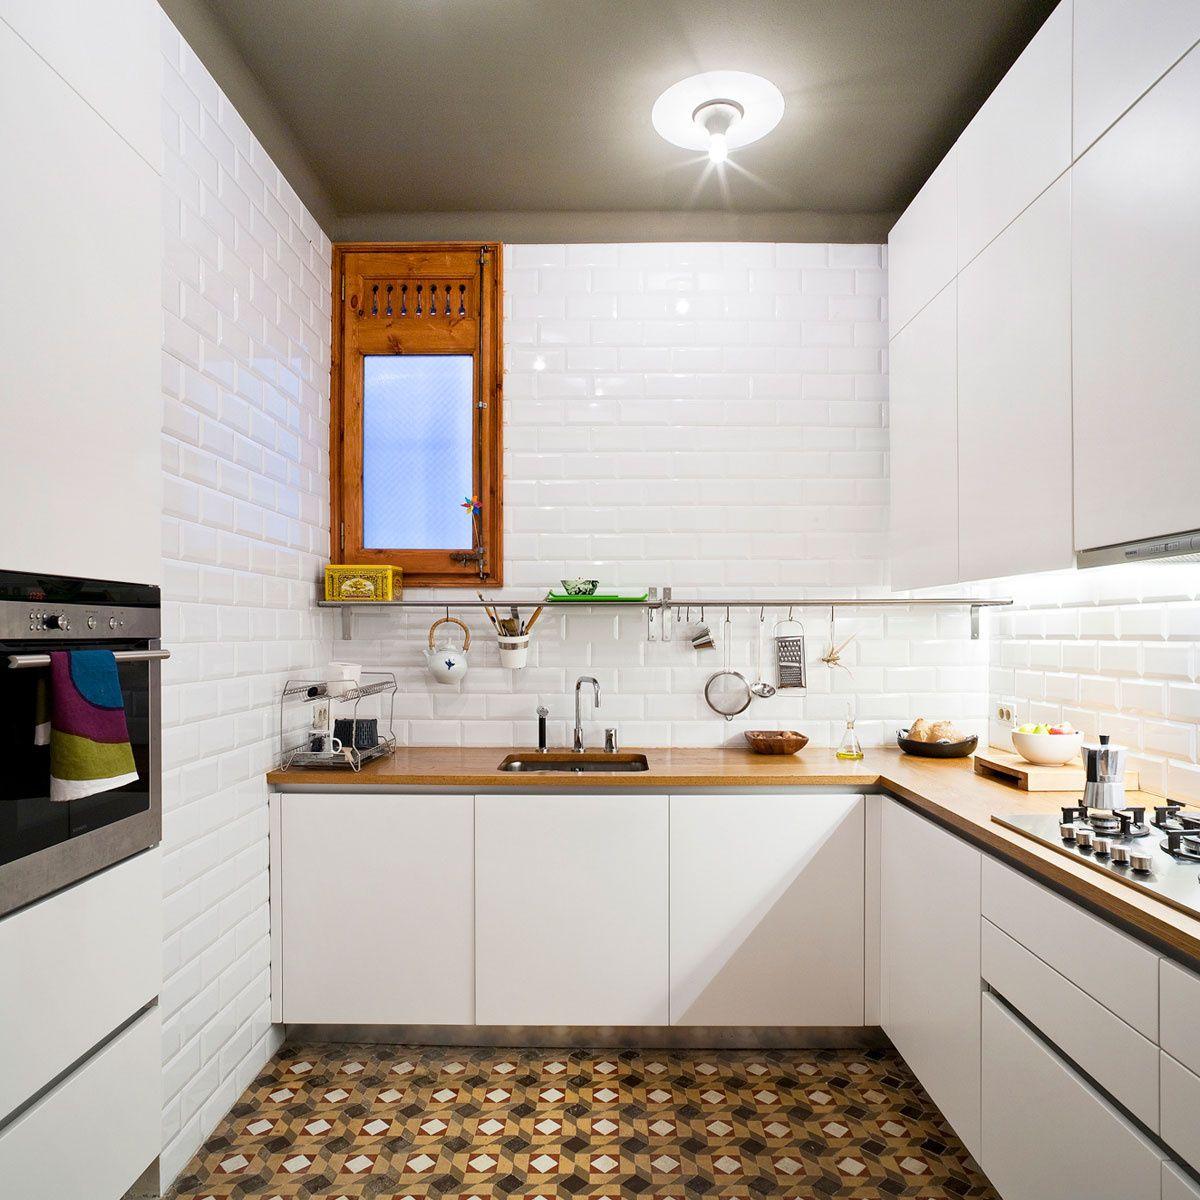 Limpiar azulejos de cocina azulejos en blanco combinan - Limpiar azulejos cocina para queden brillantes ...